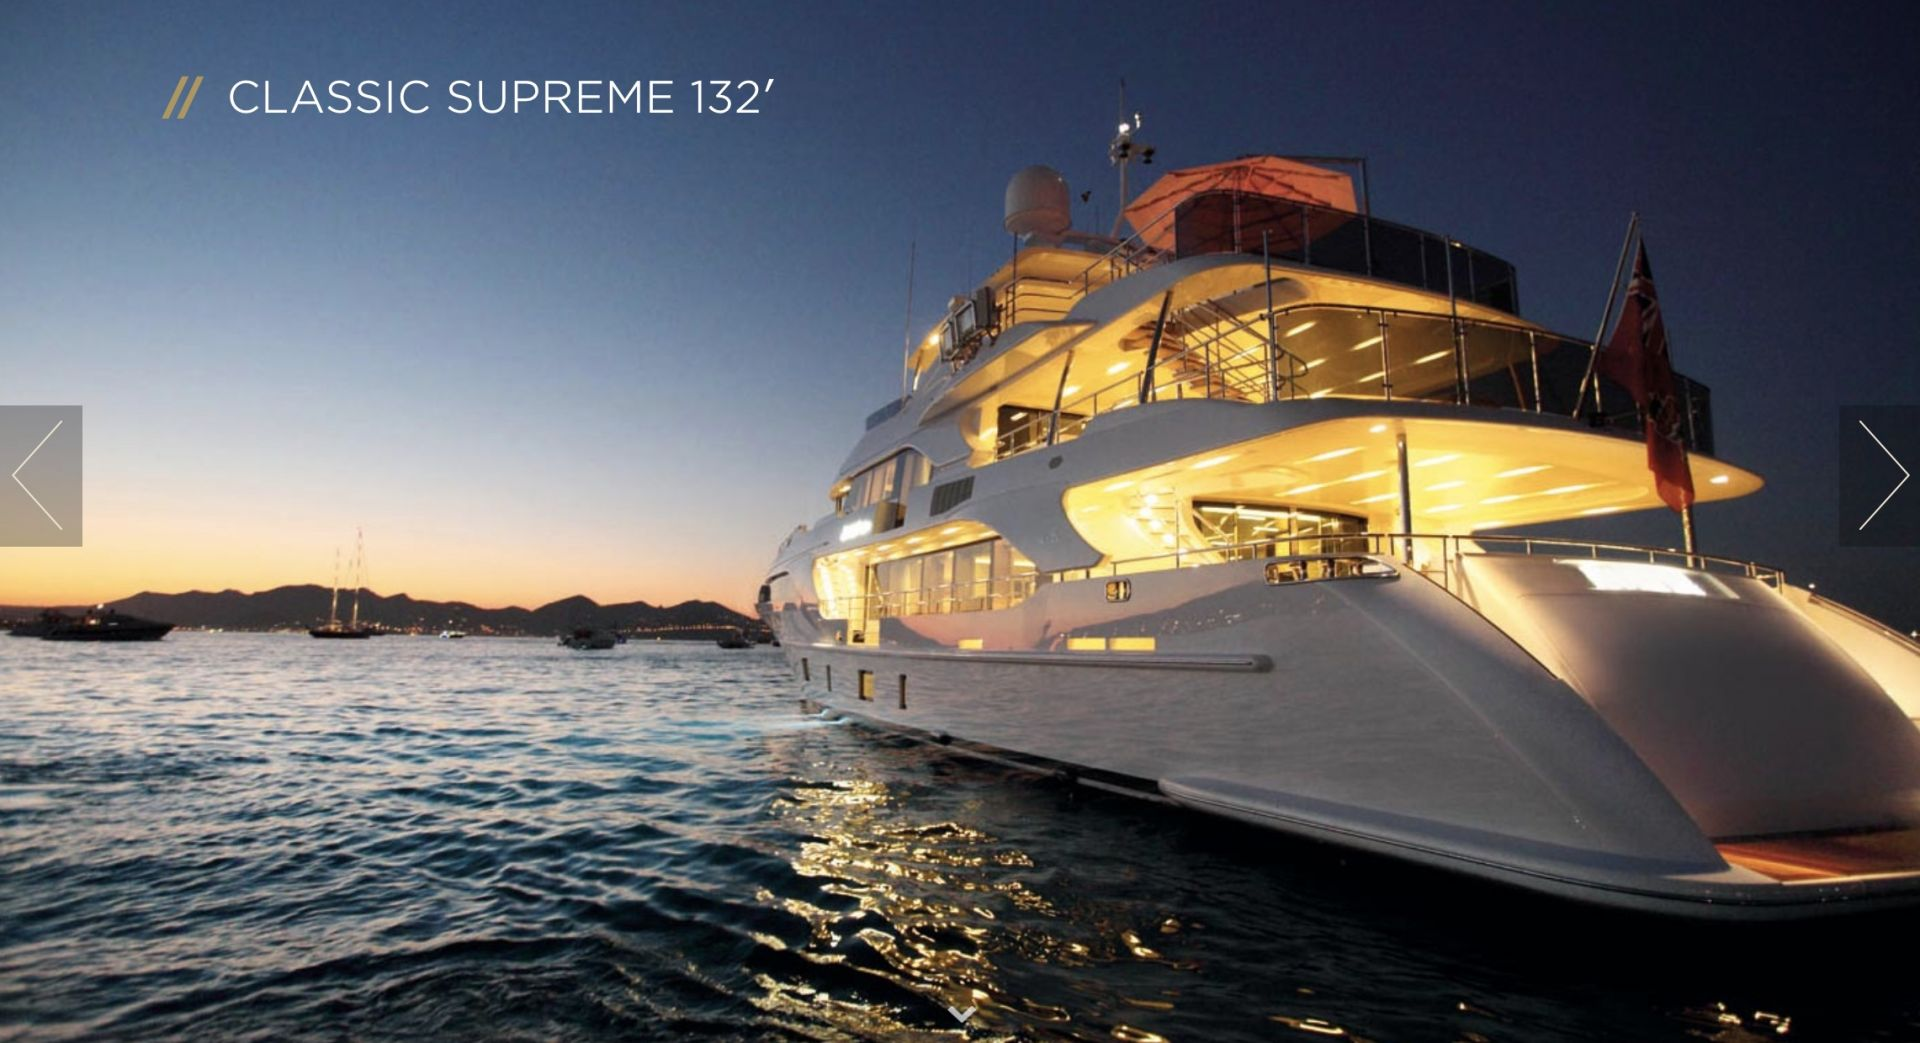 Benetti 132 Classic Supreme